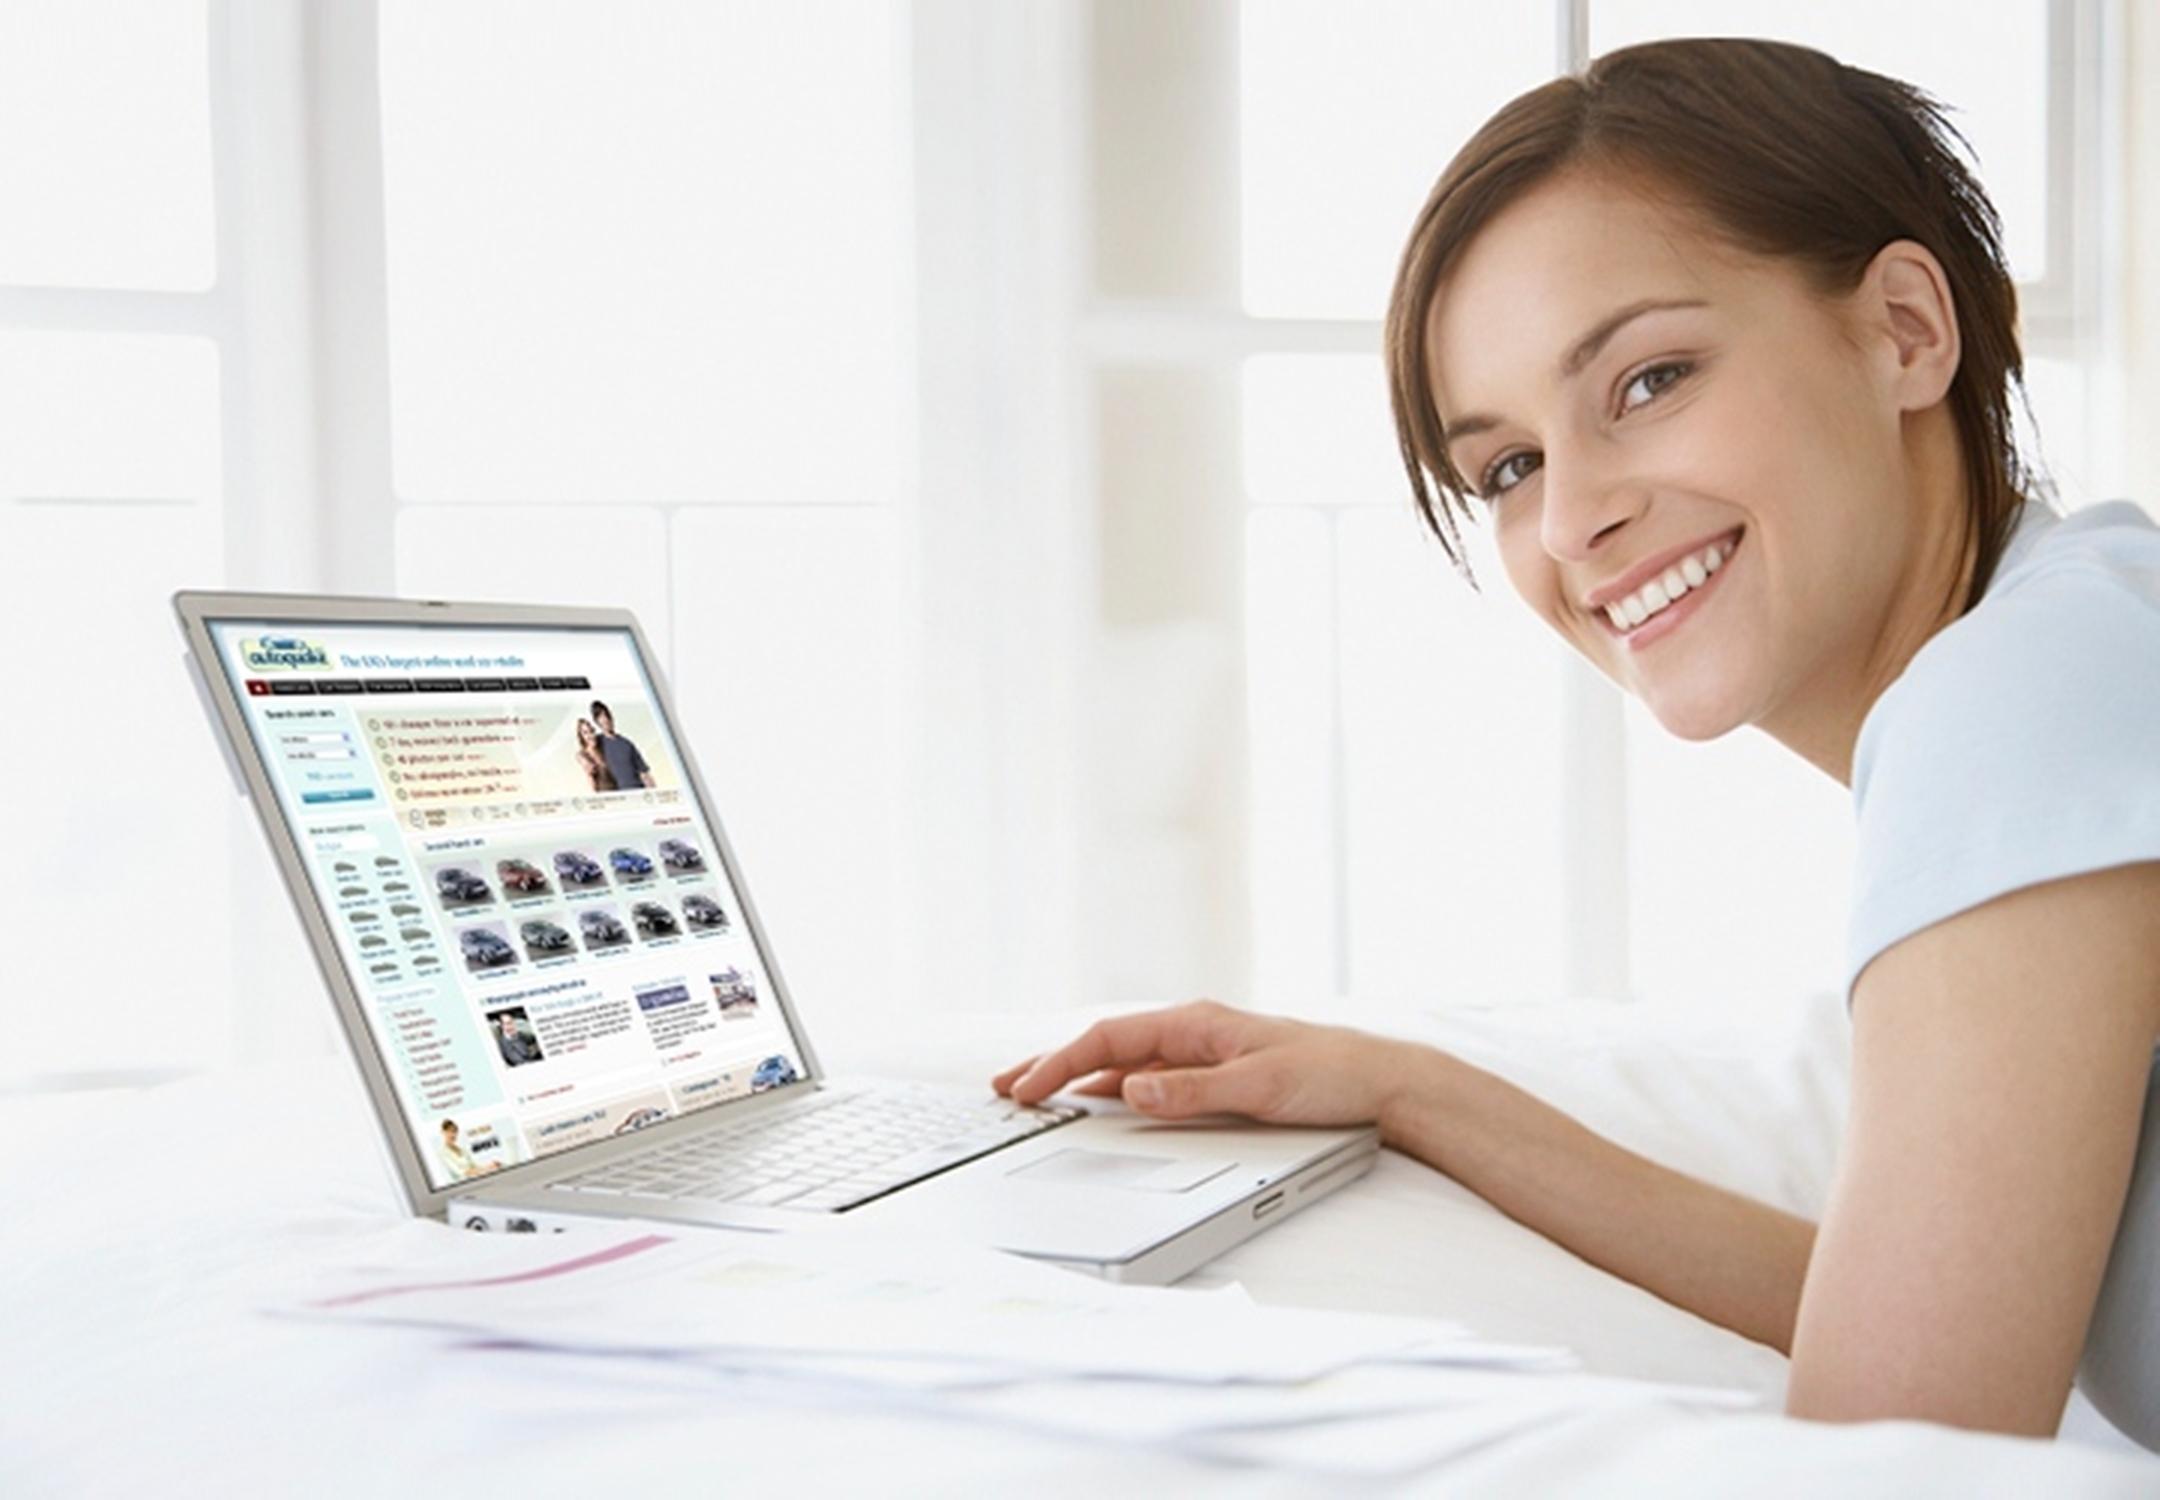 Alasan Penting Kenapa Harus Belajar Komputer